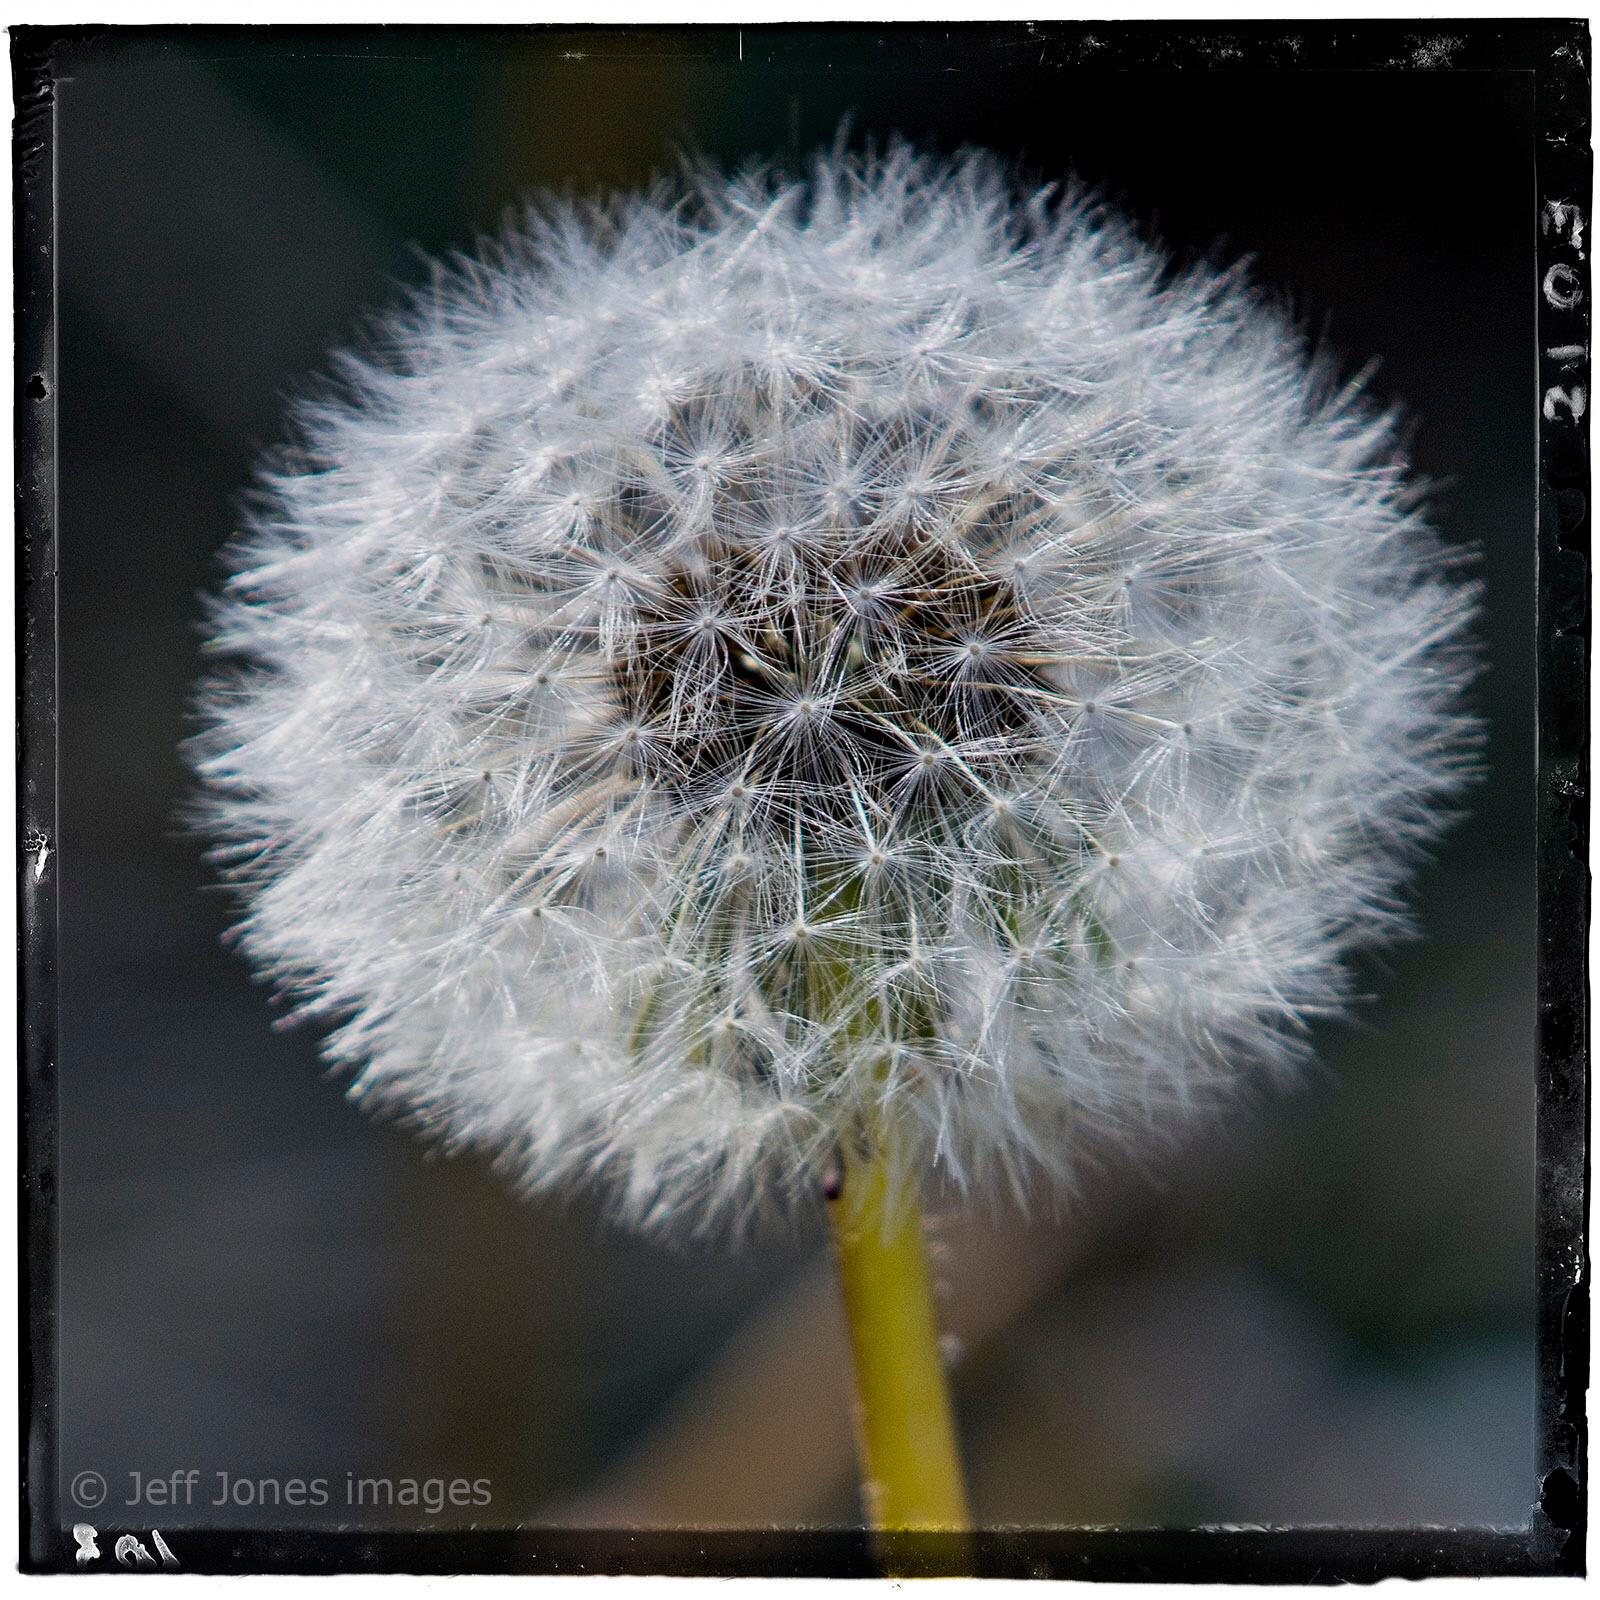 Dandelion Day by Jeff Jones